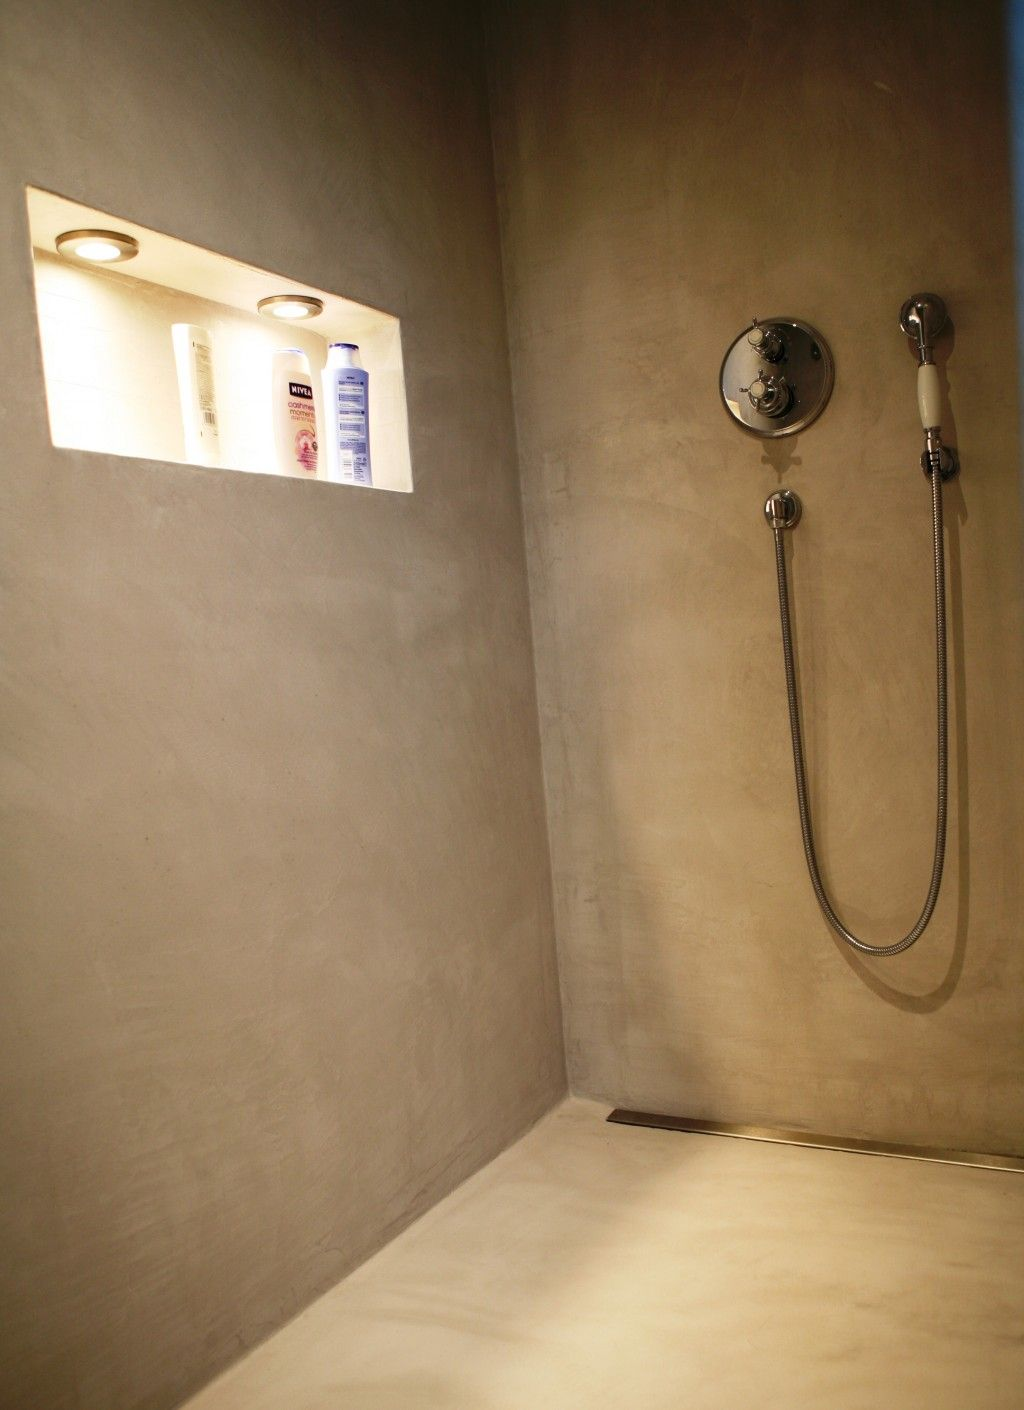 Fugenlose Bodenbeläge Bad referenzen fugenlose beläge bad badezimmer bäder